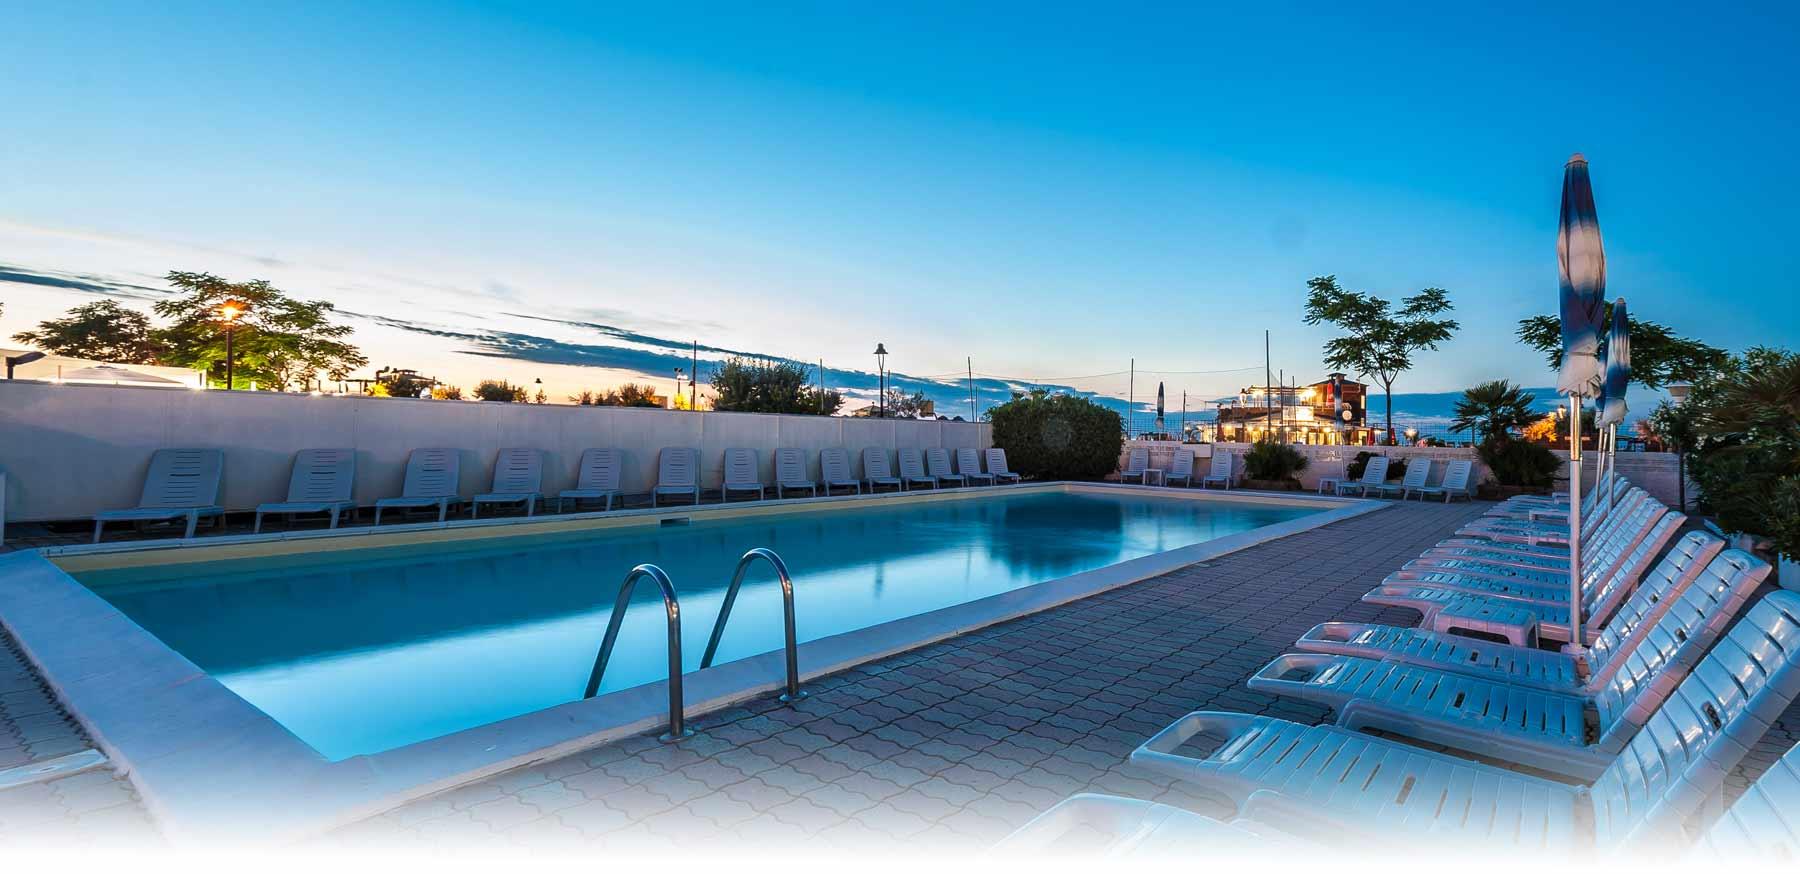 Piscina a rimini alberghi con piscina a rimini san giuliano hotel corinna - Hotel con piscina a rimini ...